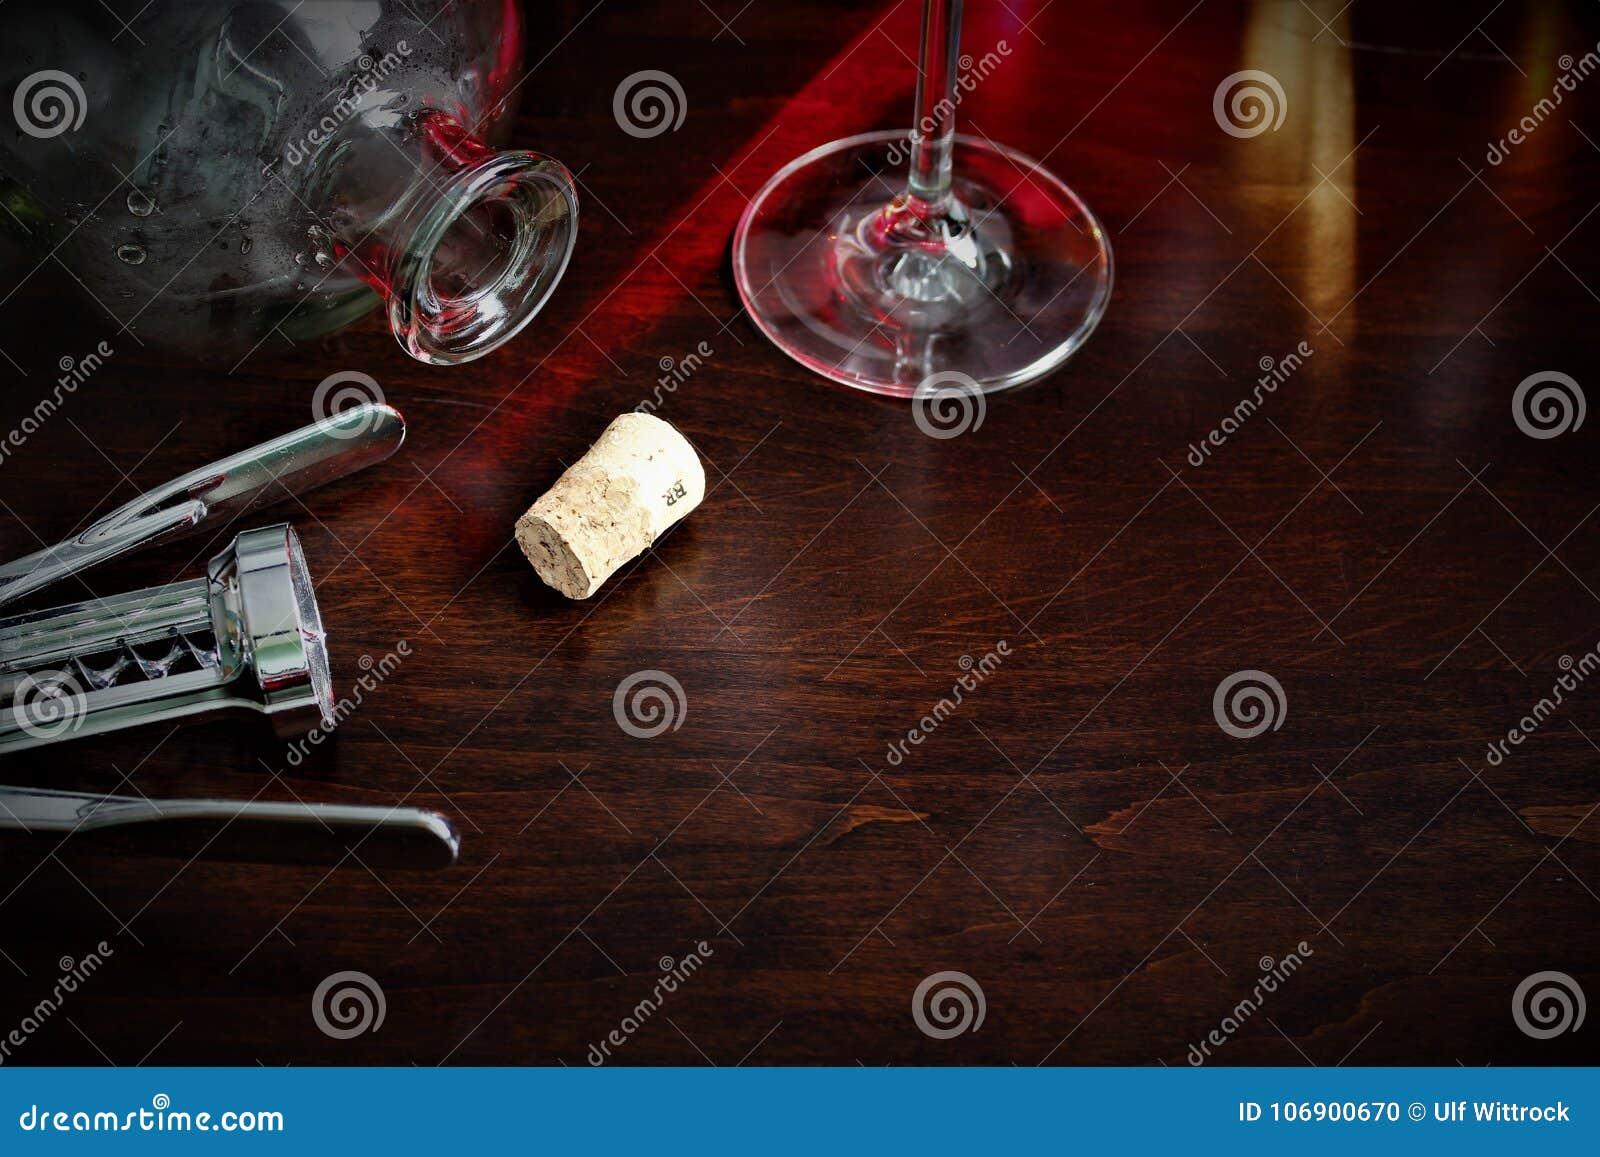 葡萄酒杯,酒精,酒的概念图象